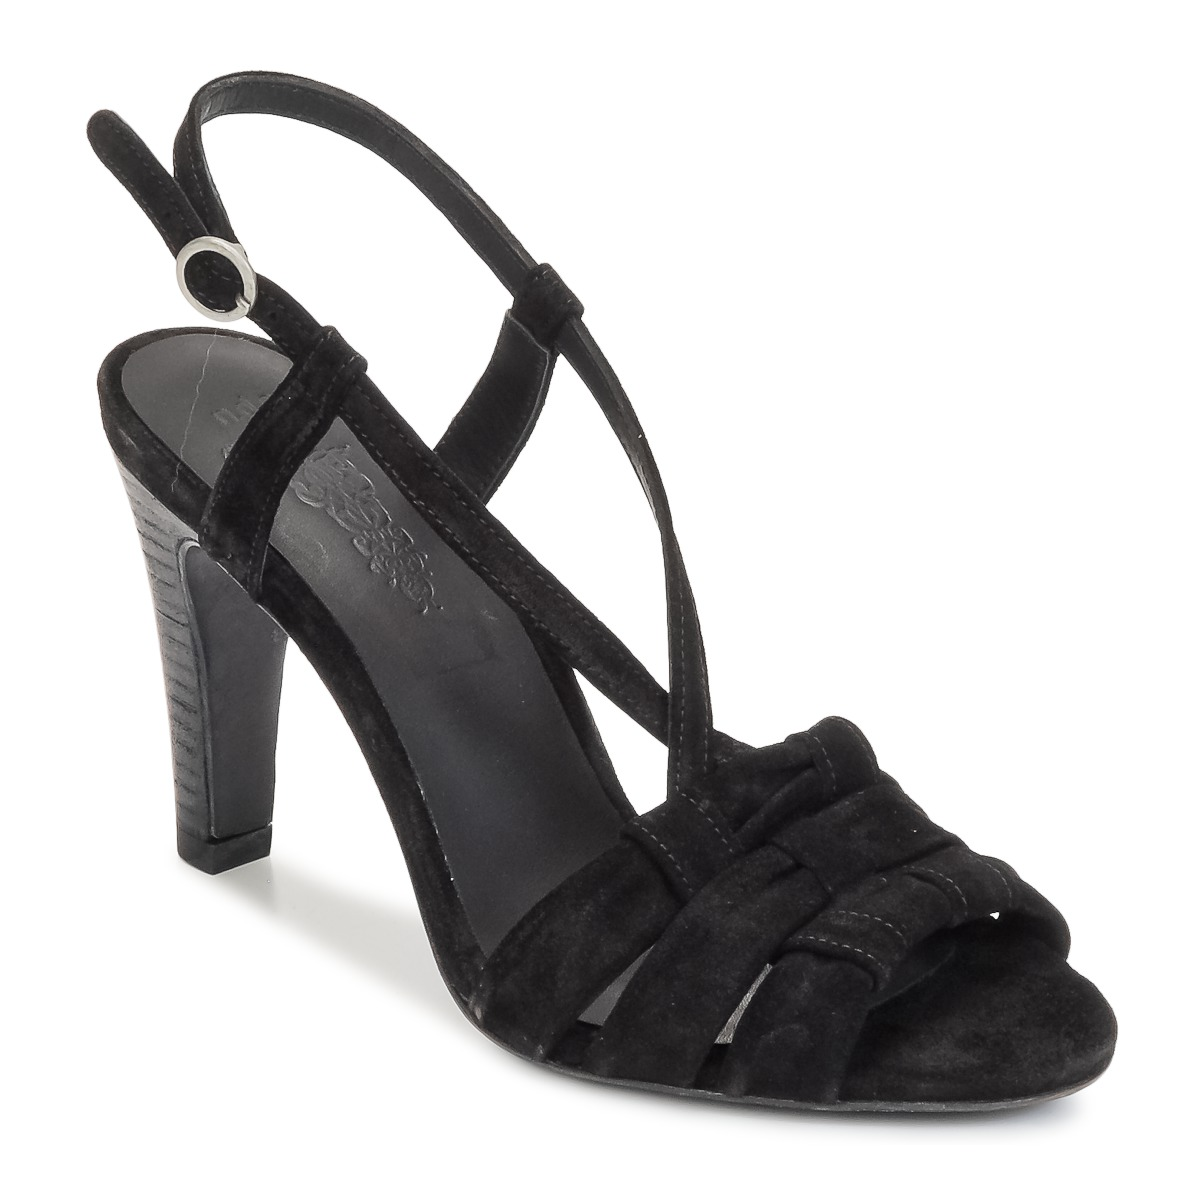 Sandale n.d.c. SOFIA Noir